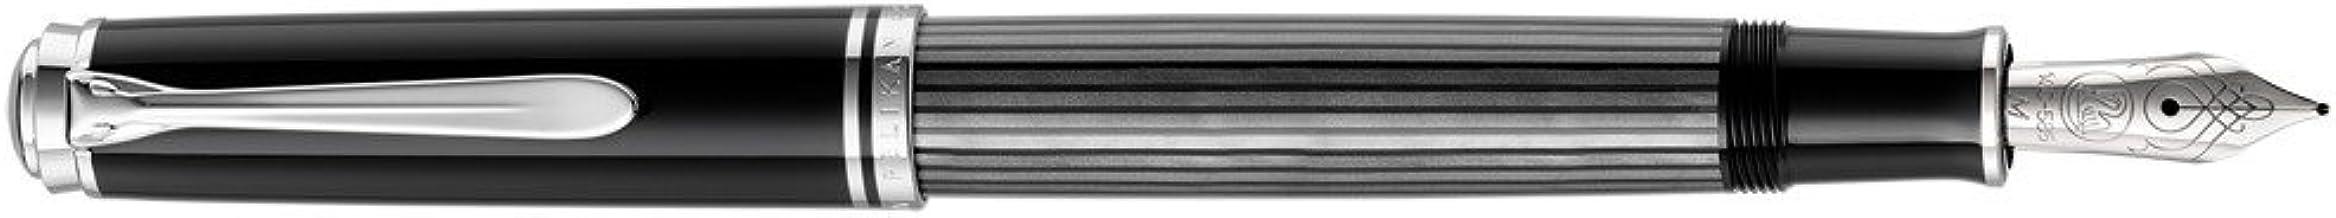 10 Mejor Pelikan M405 Stresemann de 2020 – Mejor valorados y revisados